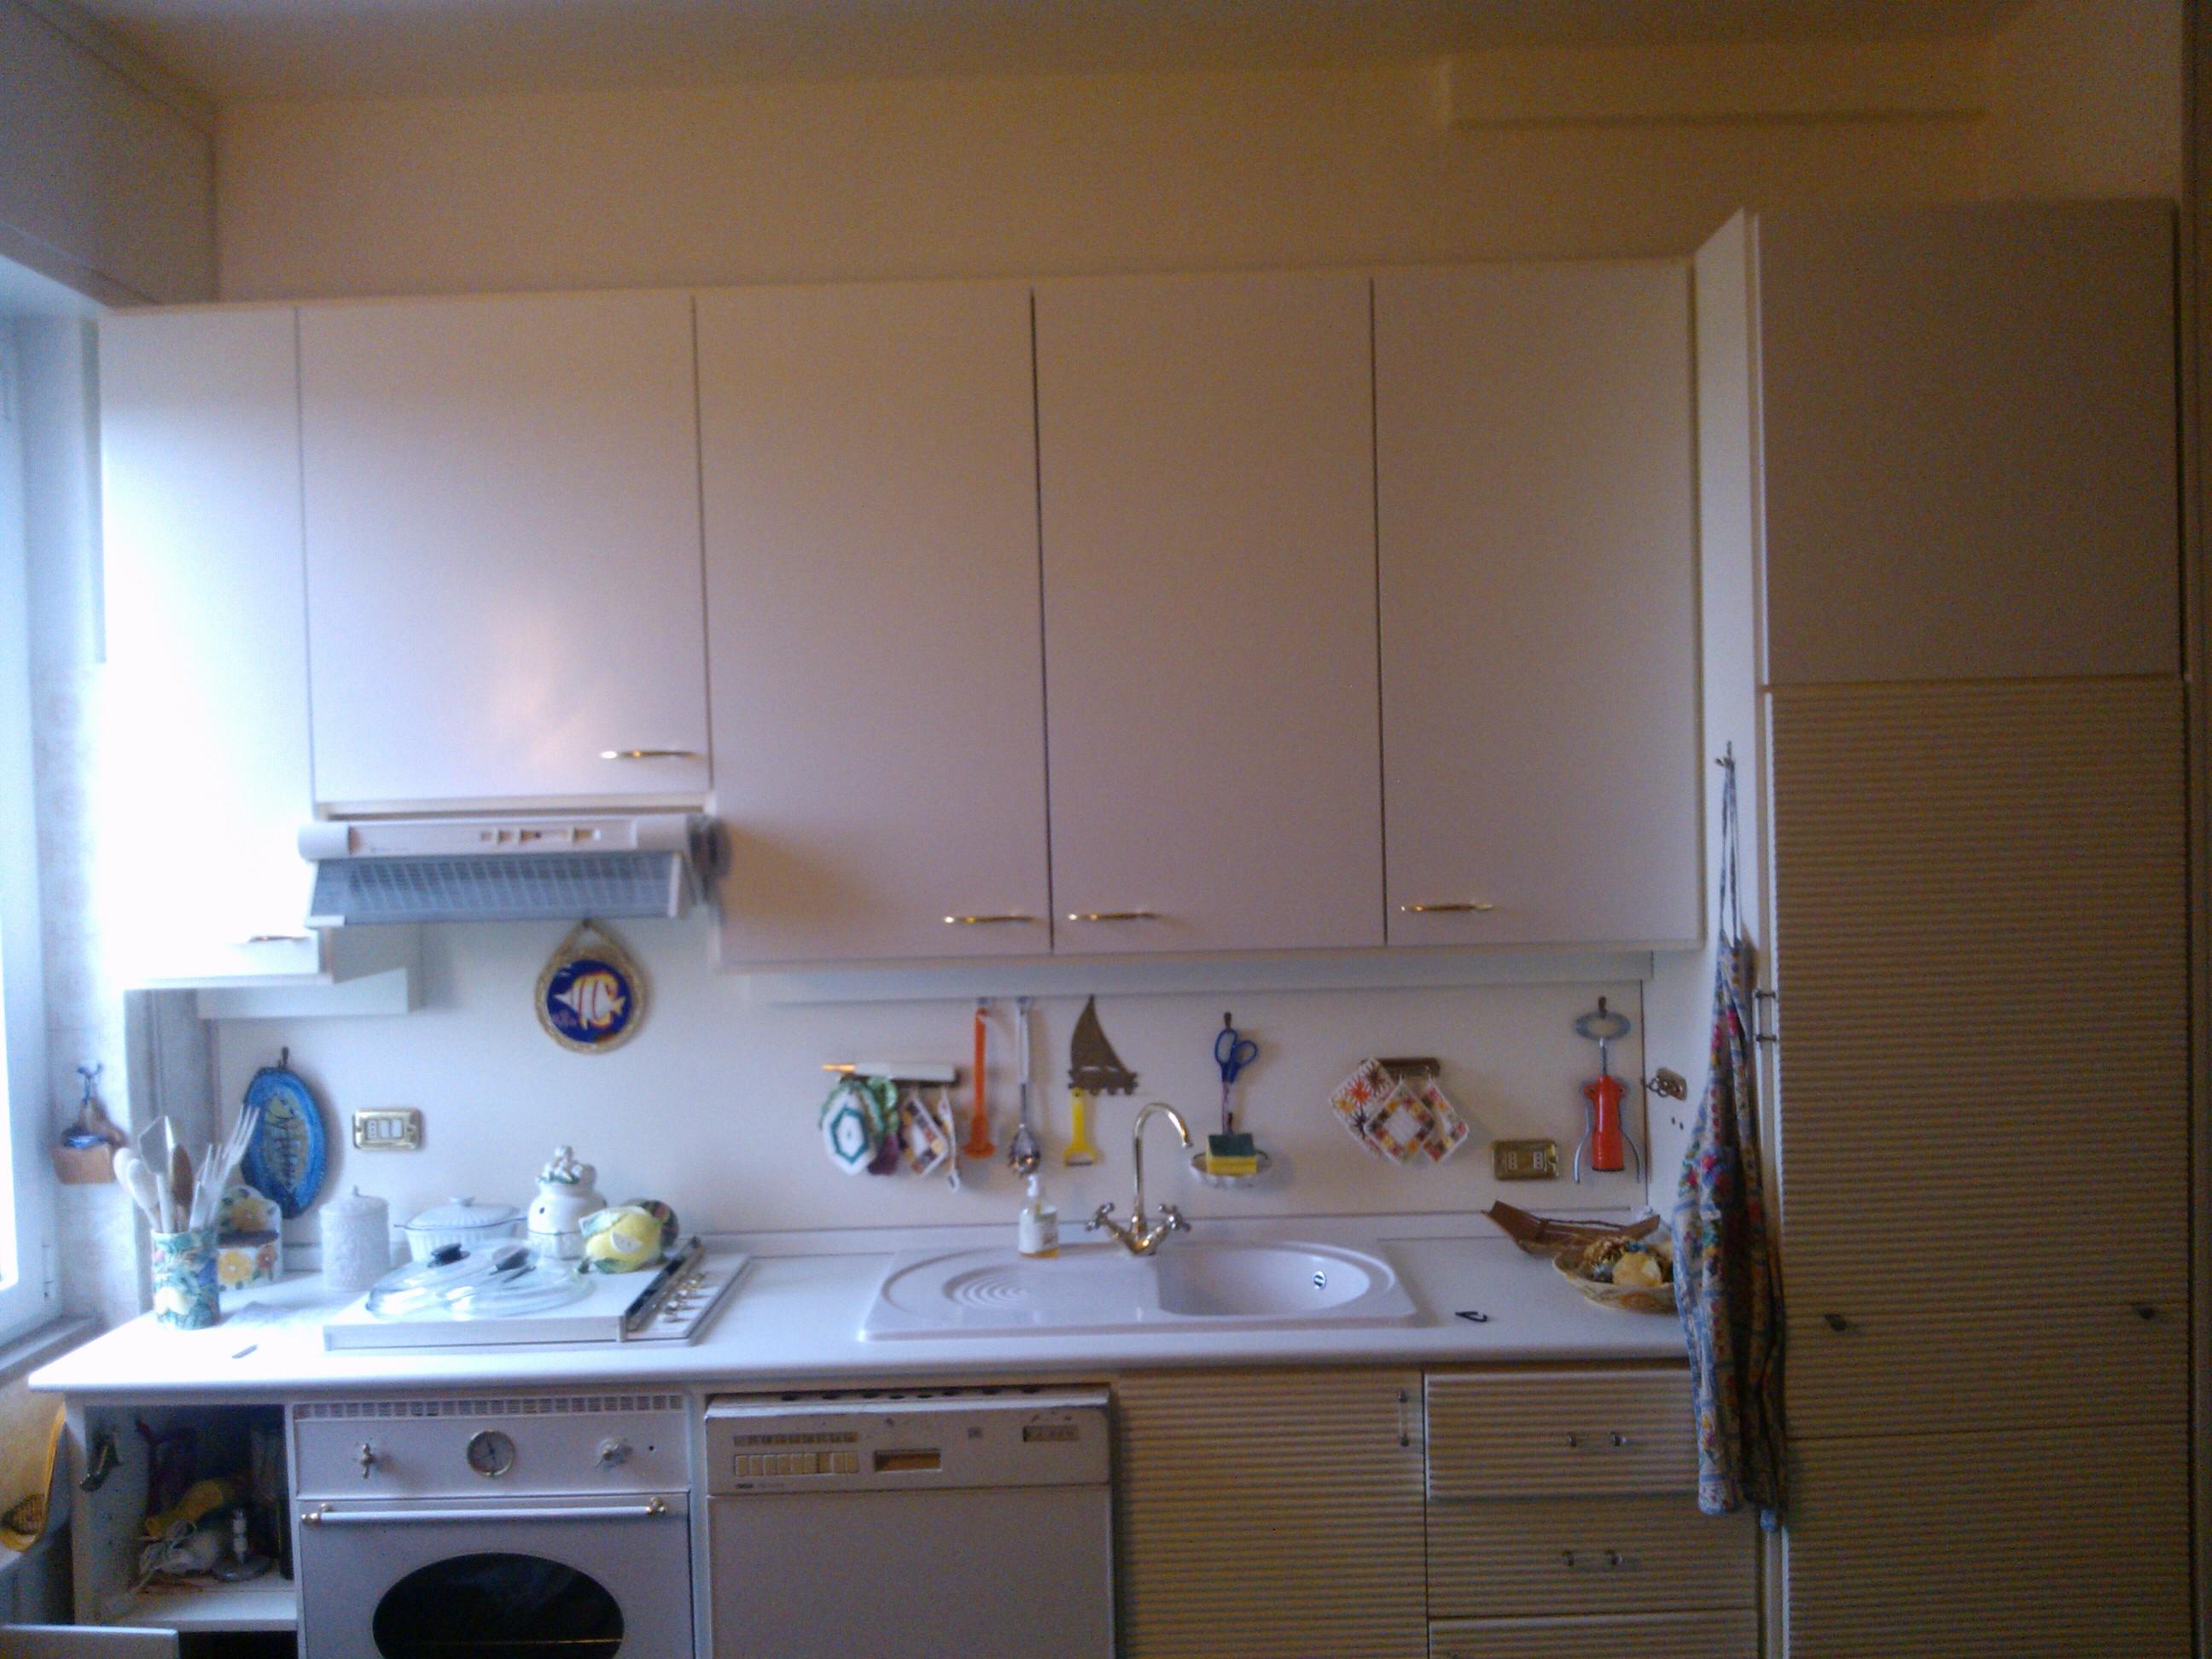 18mm Laccato Bianco ;ad Pensile Cucina.sostituzione Top Con Alzatina #2F5C9C 2592 1944 Piano Di Lavoro Cucina Brico